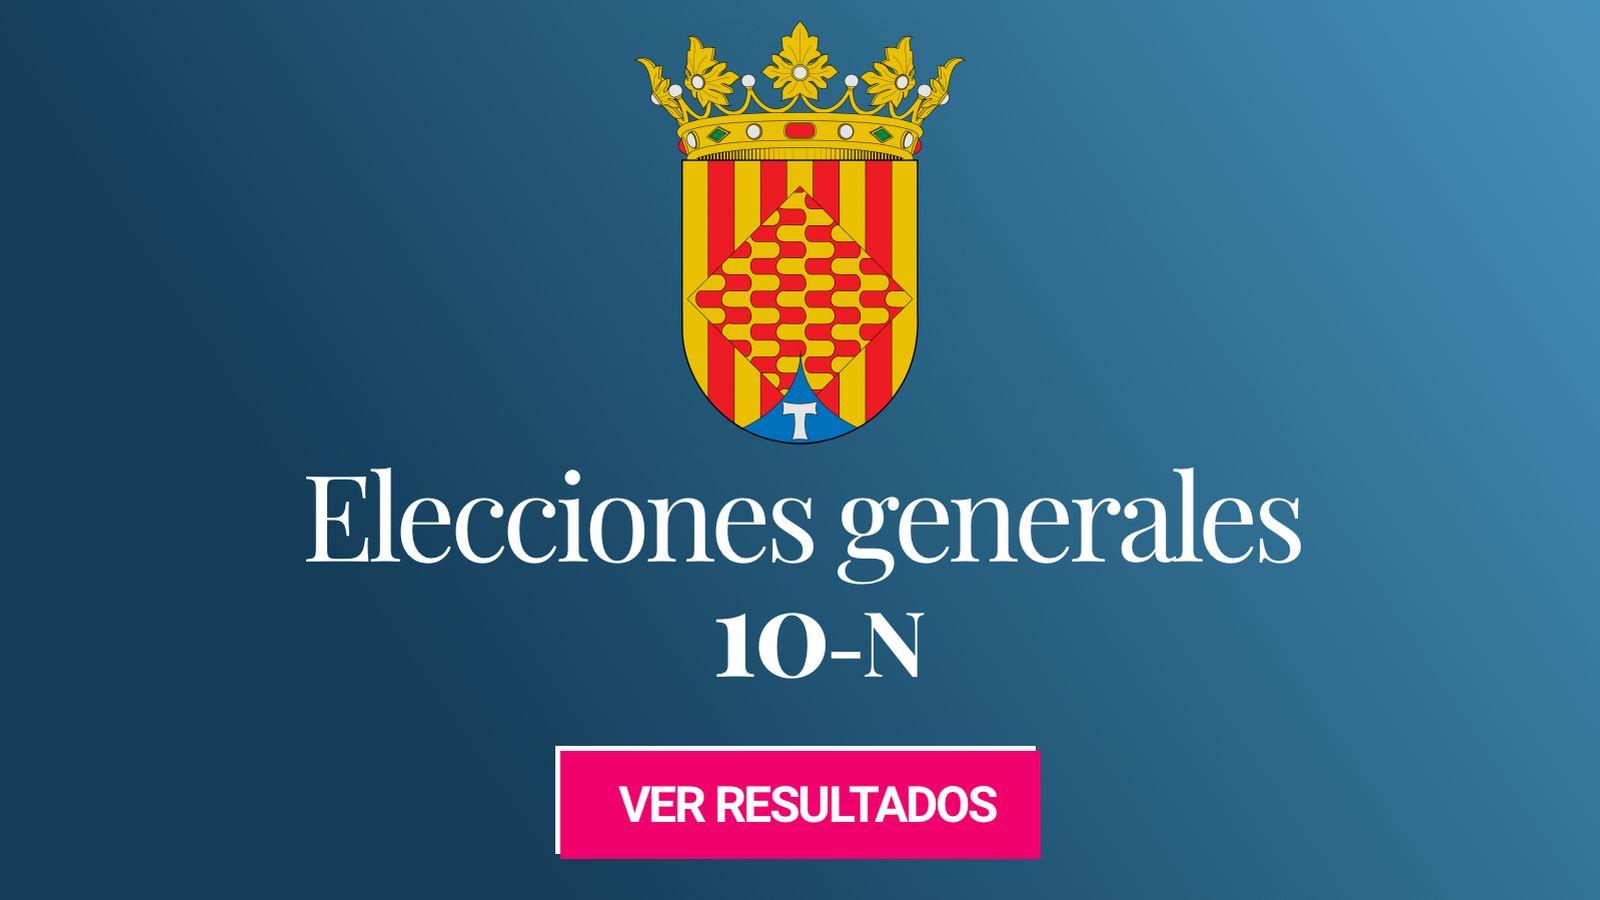 Foto: Elecciones generales 2019 en la provincia de Tarragona. (C.C./HansenBCN)